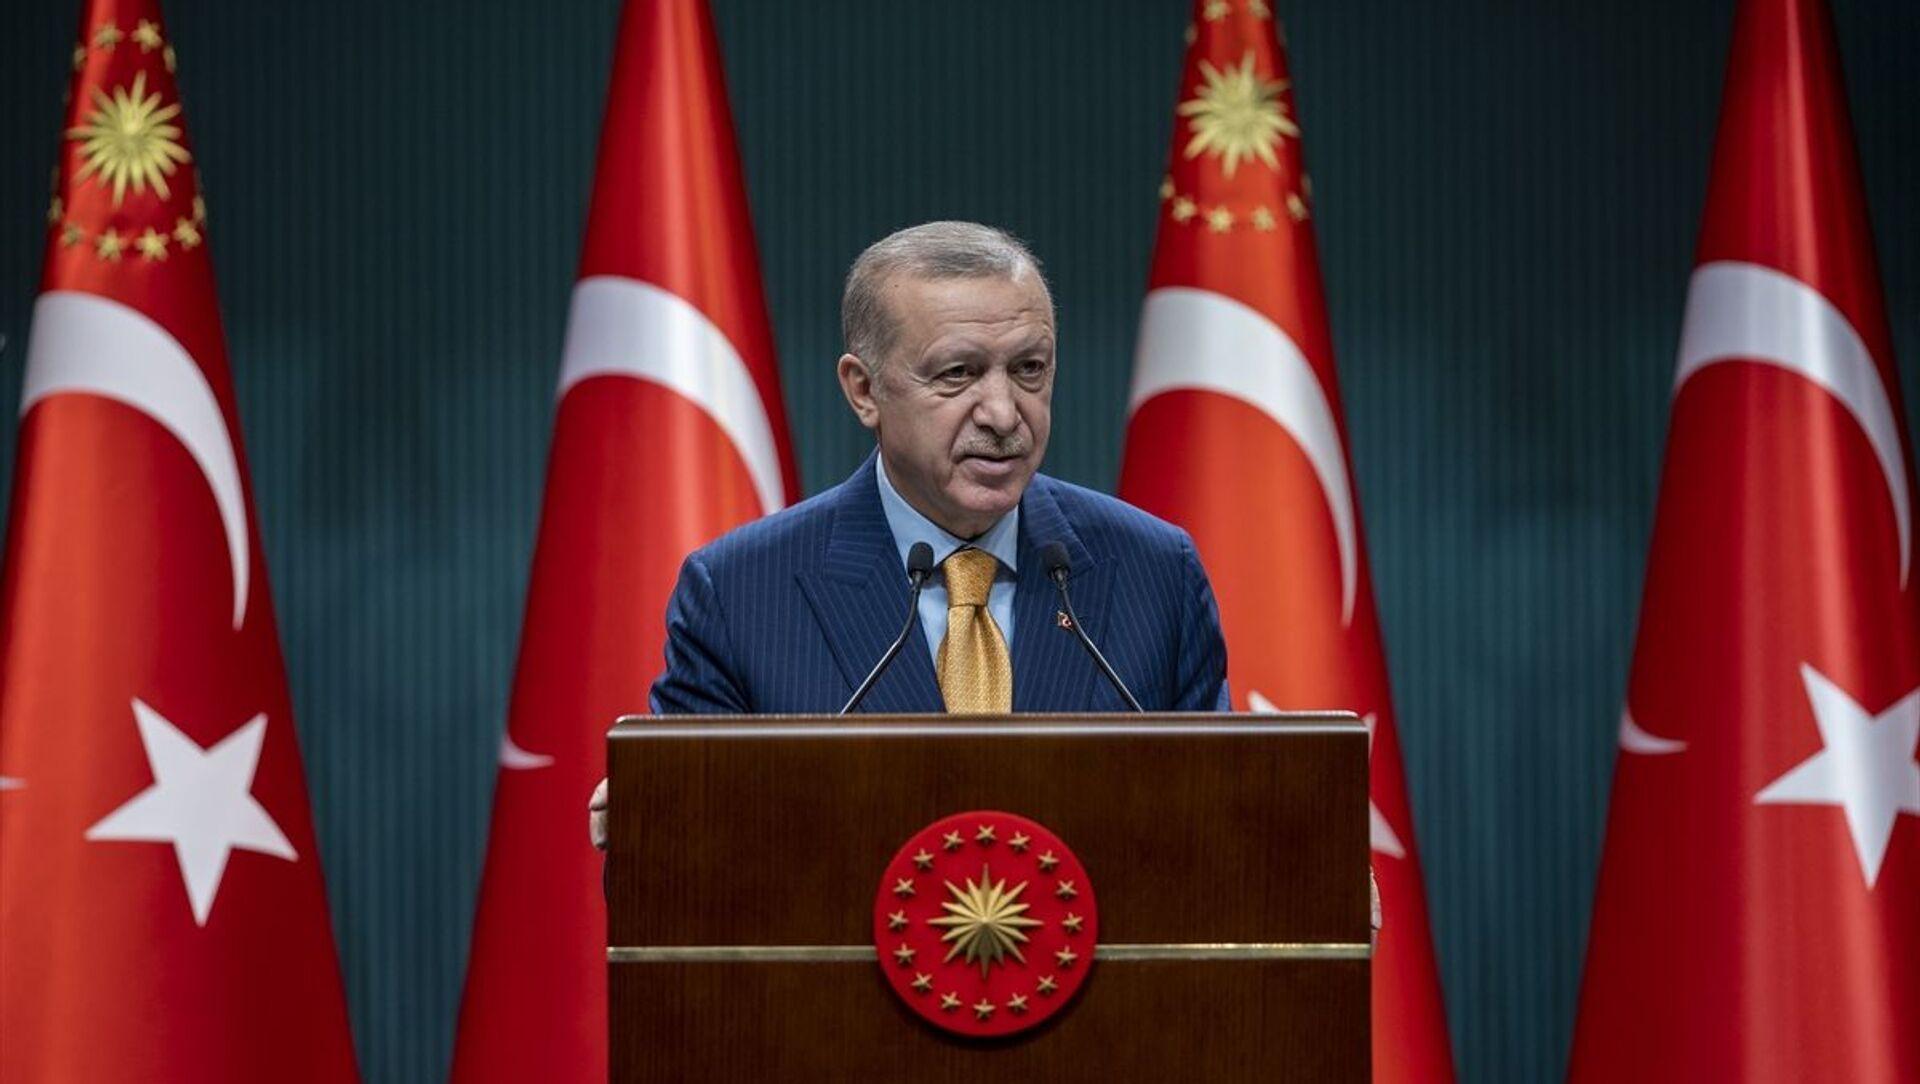 Türkiye Cumhurbaşkanı Recep Tayyip Erdoğan, Cumhurbaşkanlığı Kabine Toplantısı'nın ardından açıklamalarda bulundu. - Sputnik Türkiye, 1920, 17.02.2021